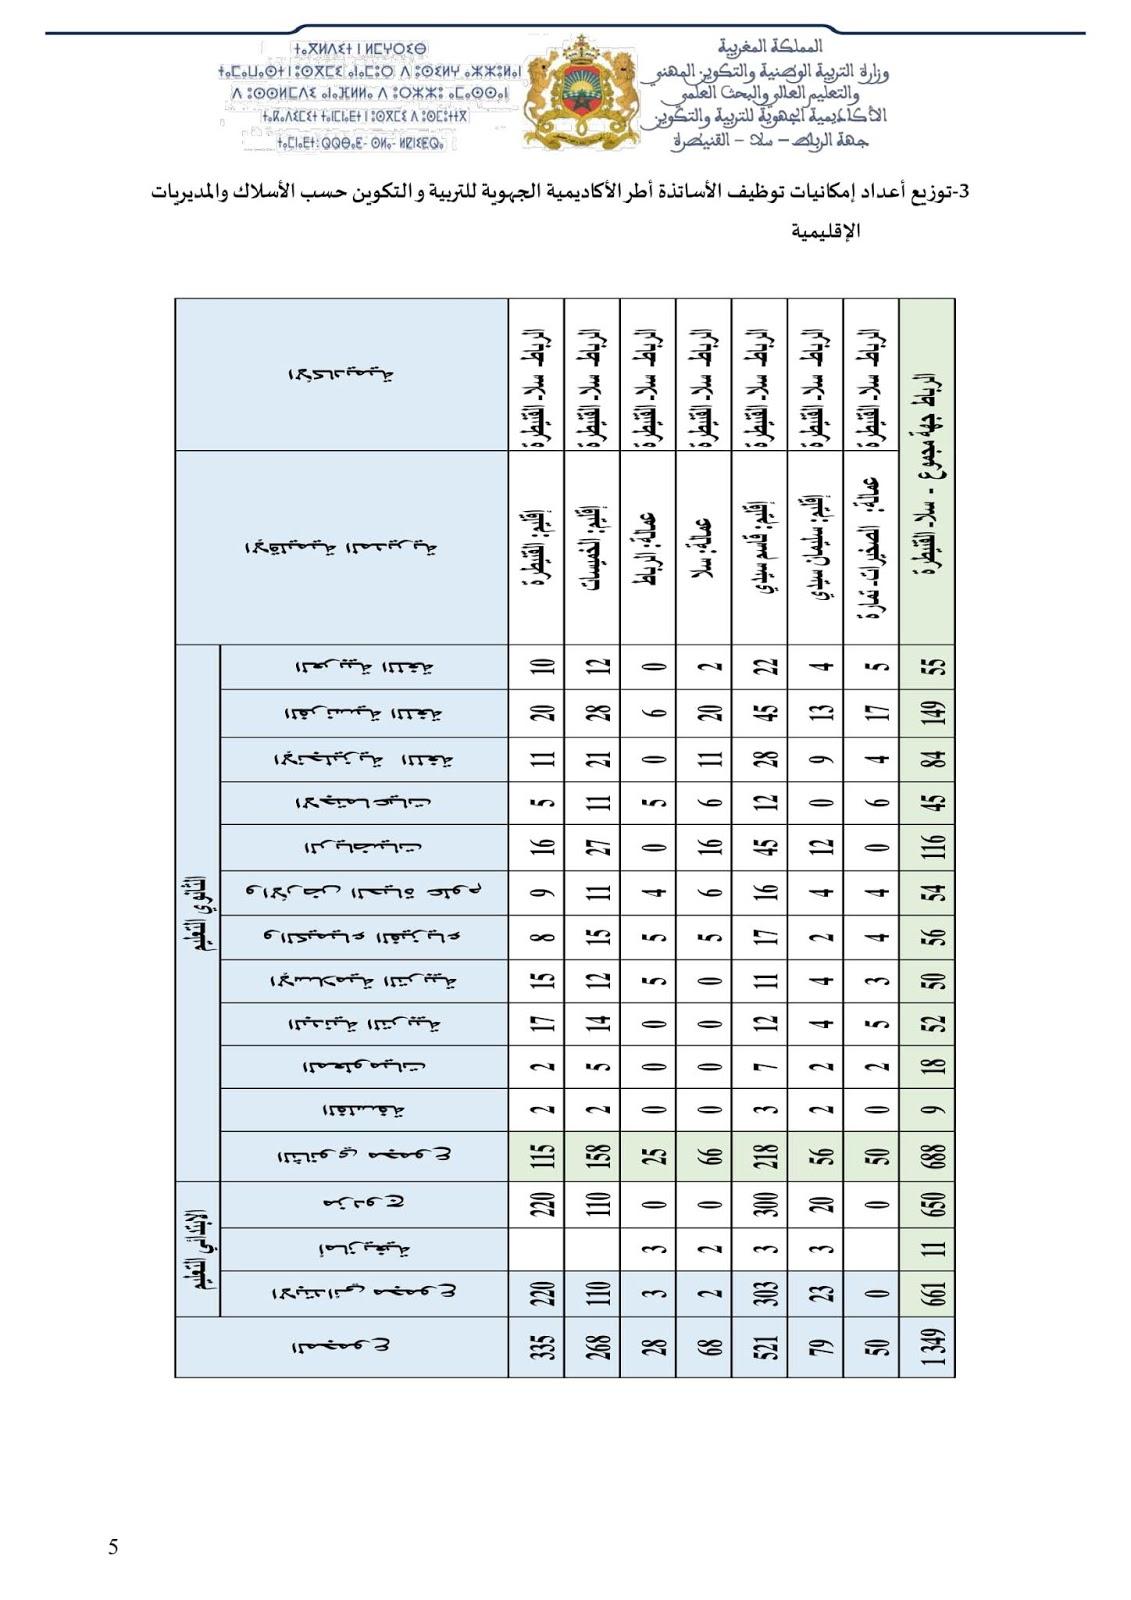 عدد مناصب بجهة الرباط سلا القنيطرة